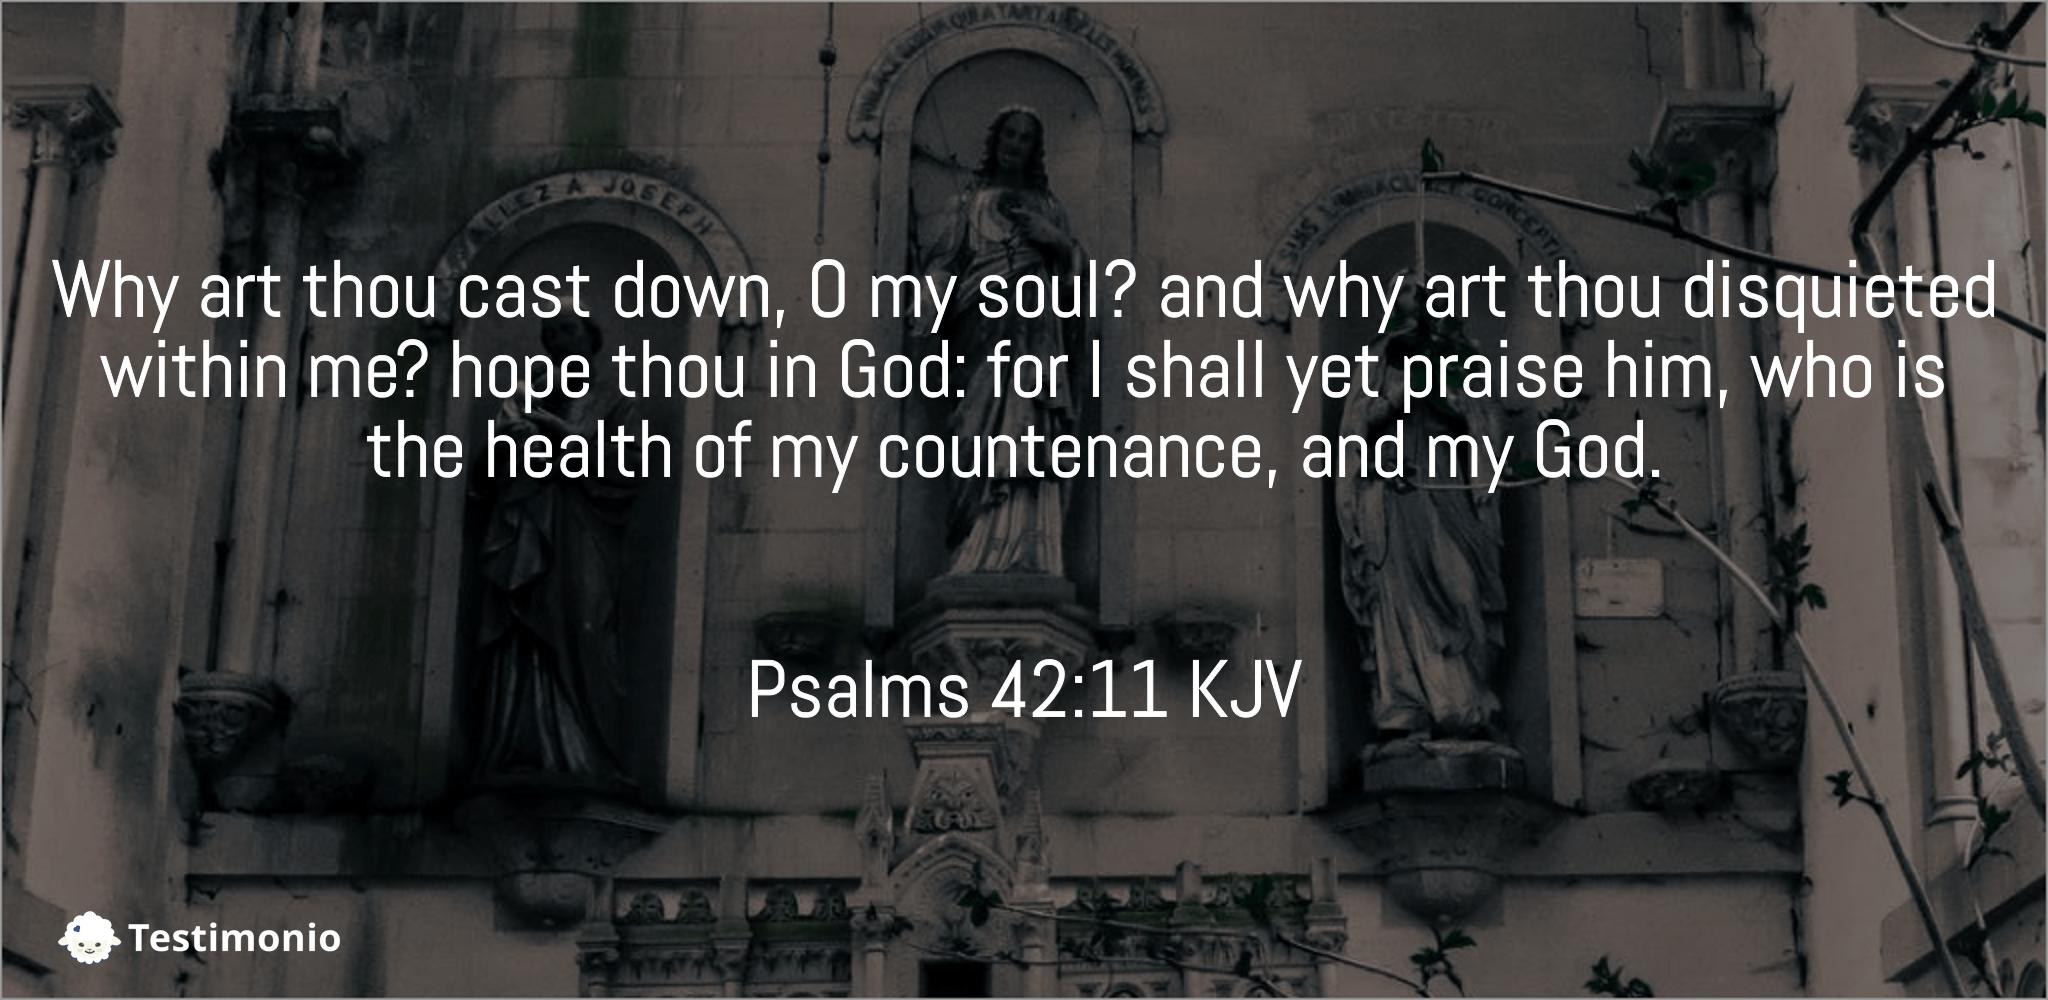 Psalms 42:11